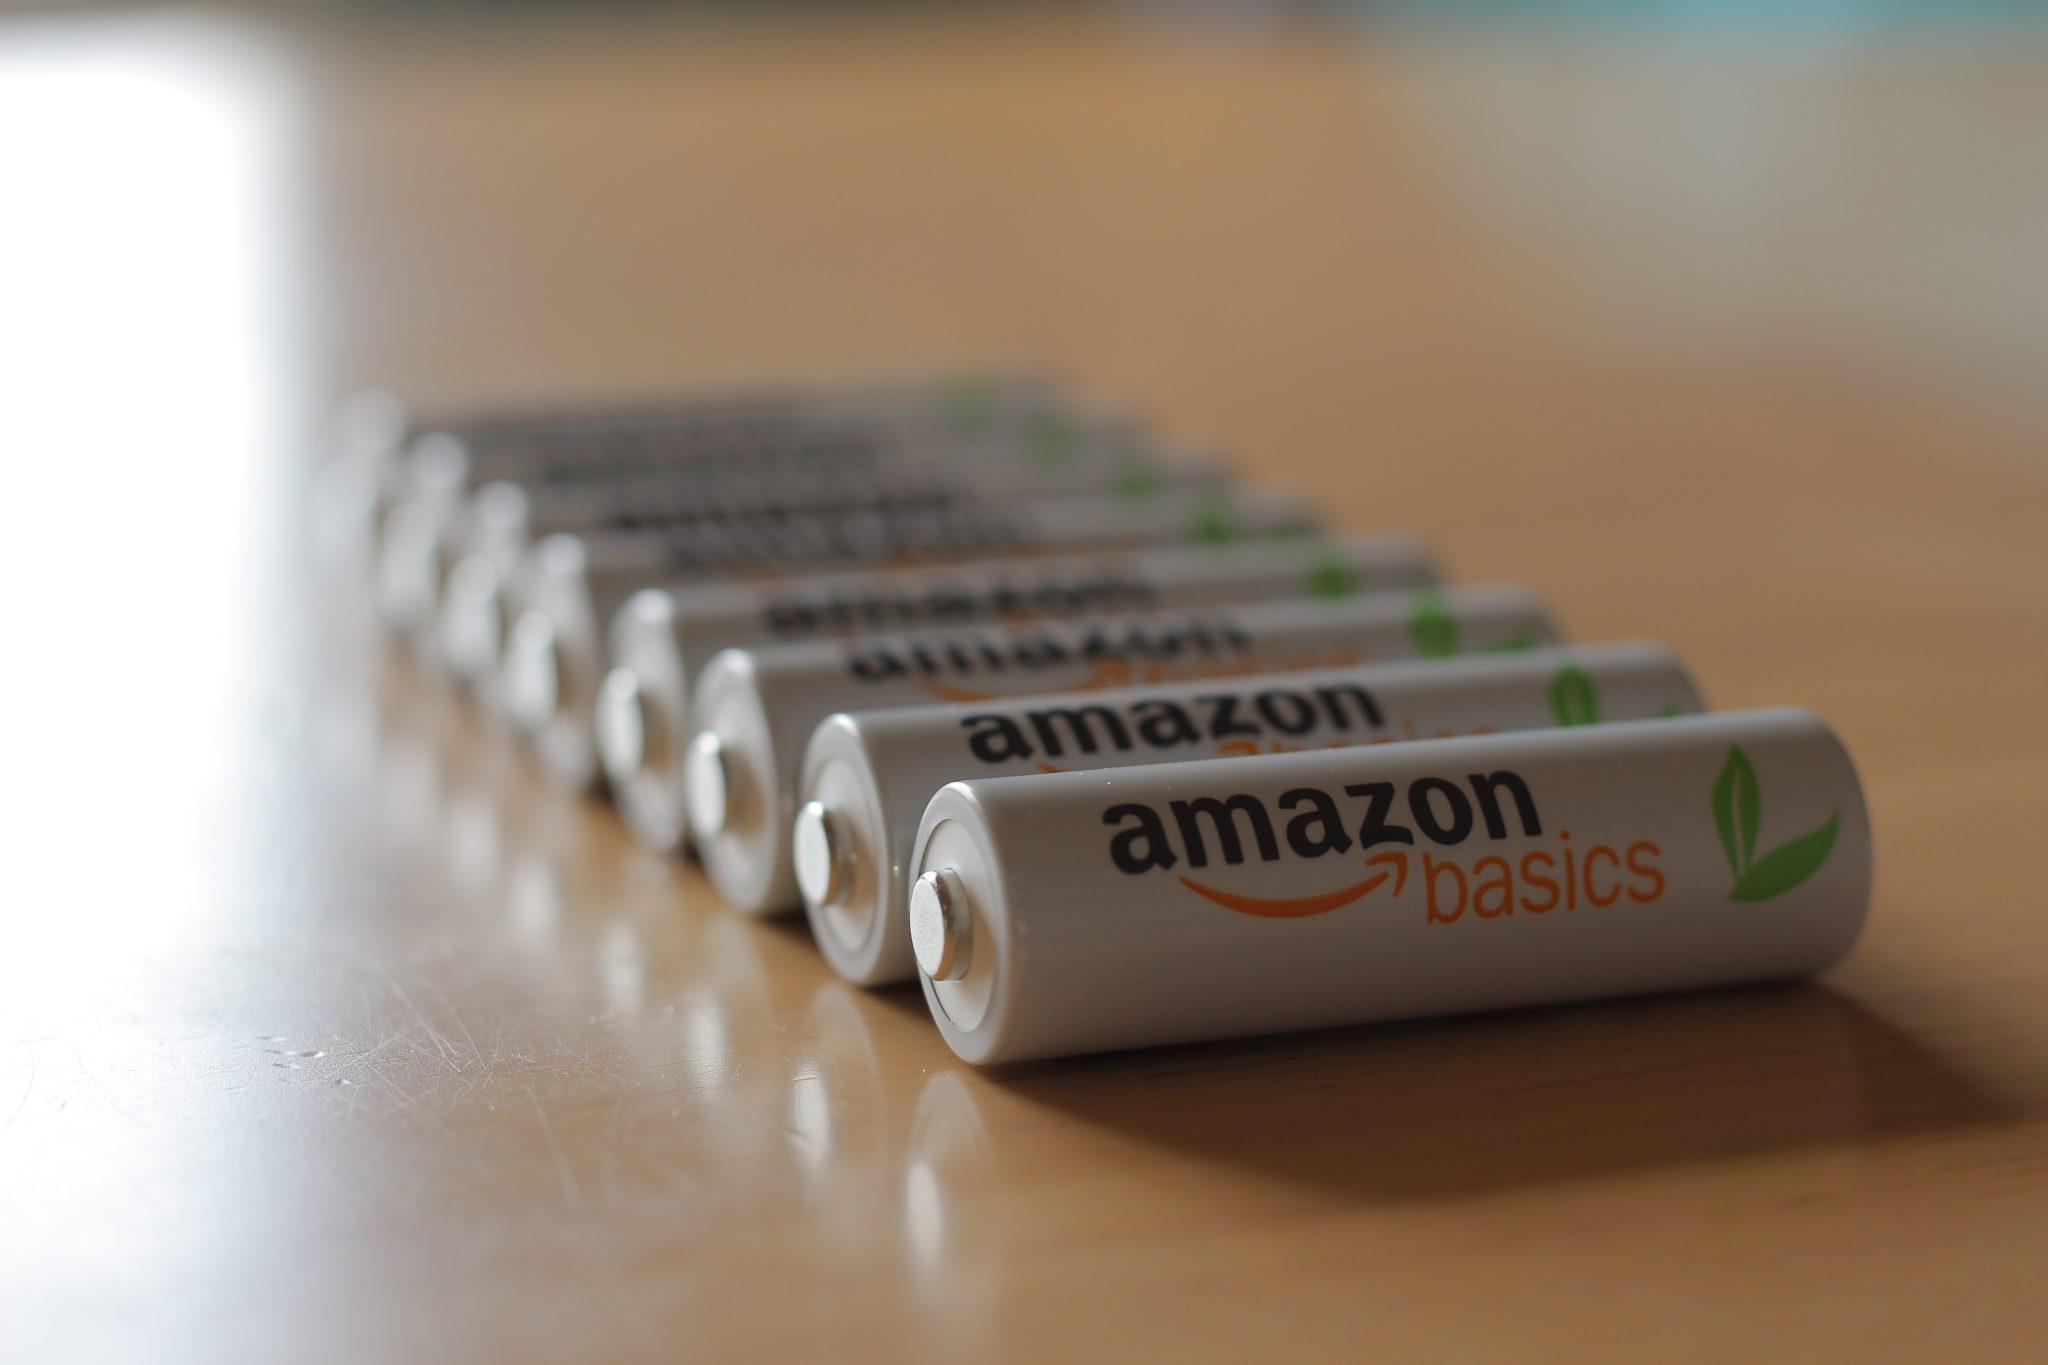 Amazonベーシックの充電池と充電器のセットを購入したのでレビュー